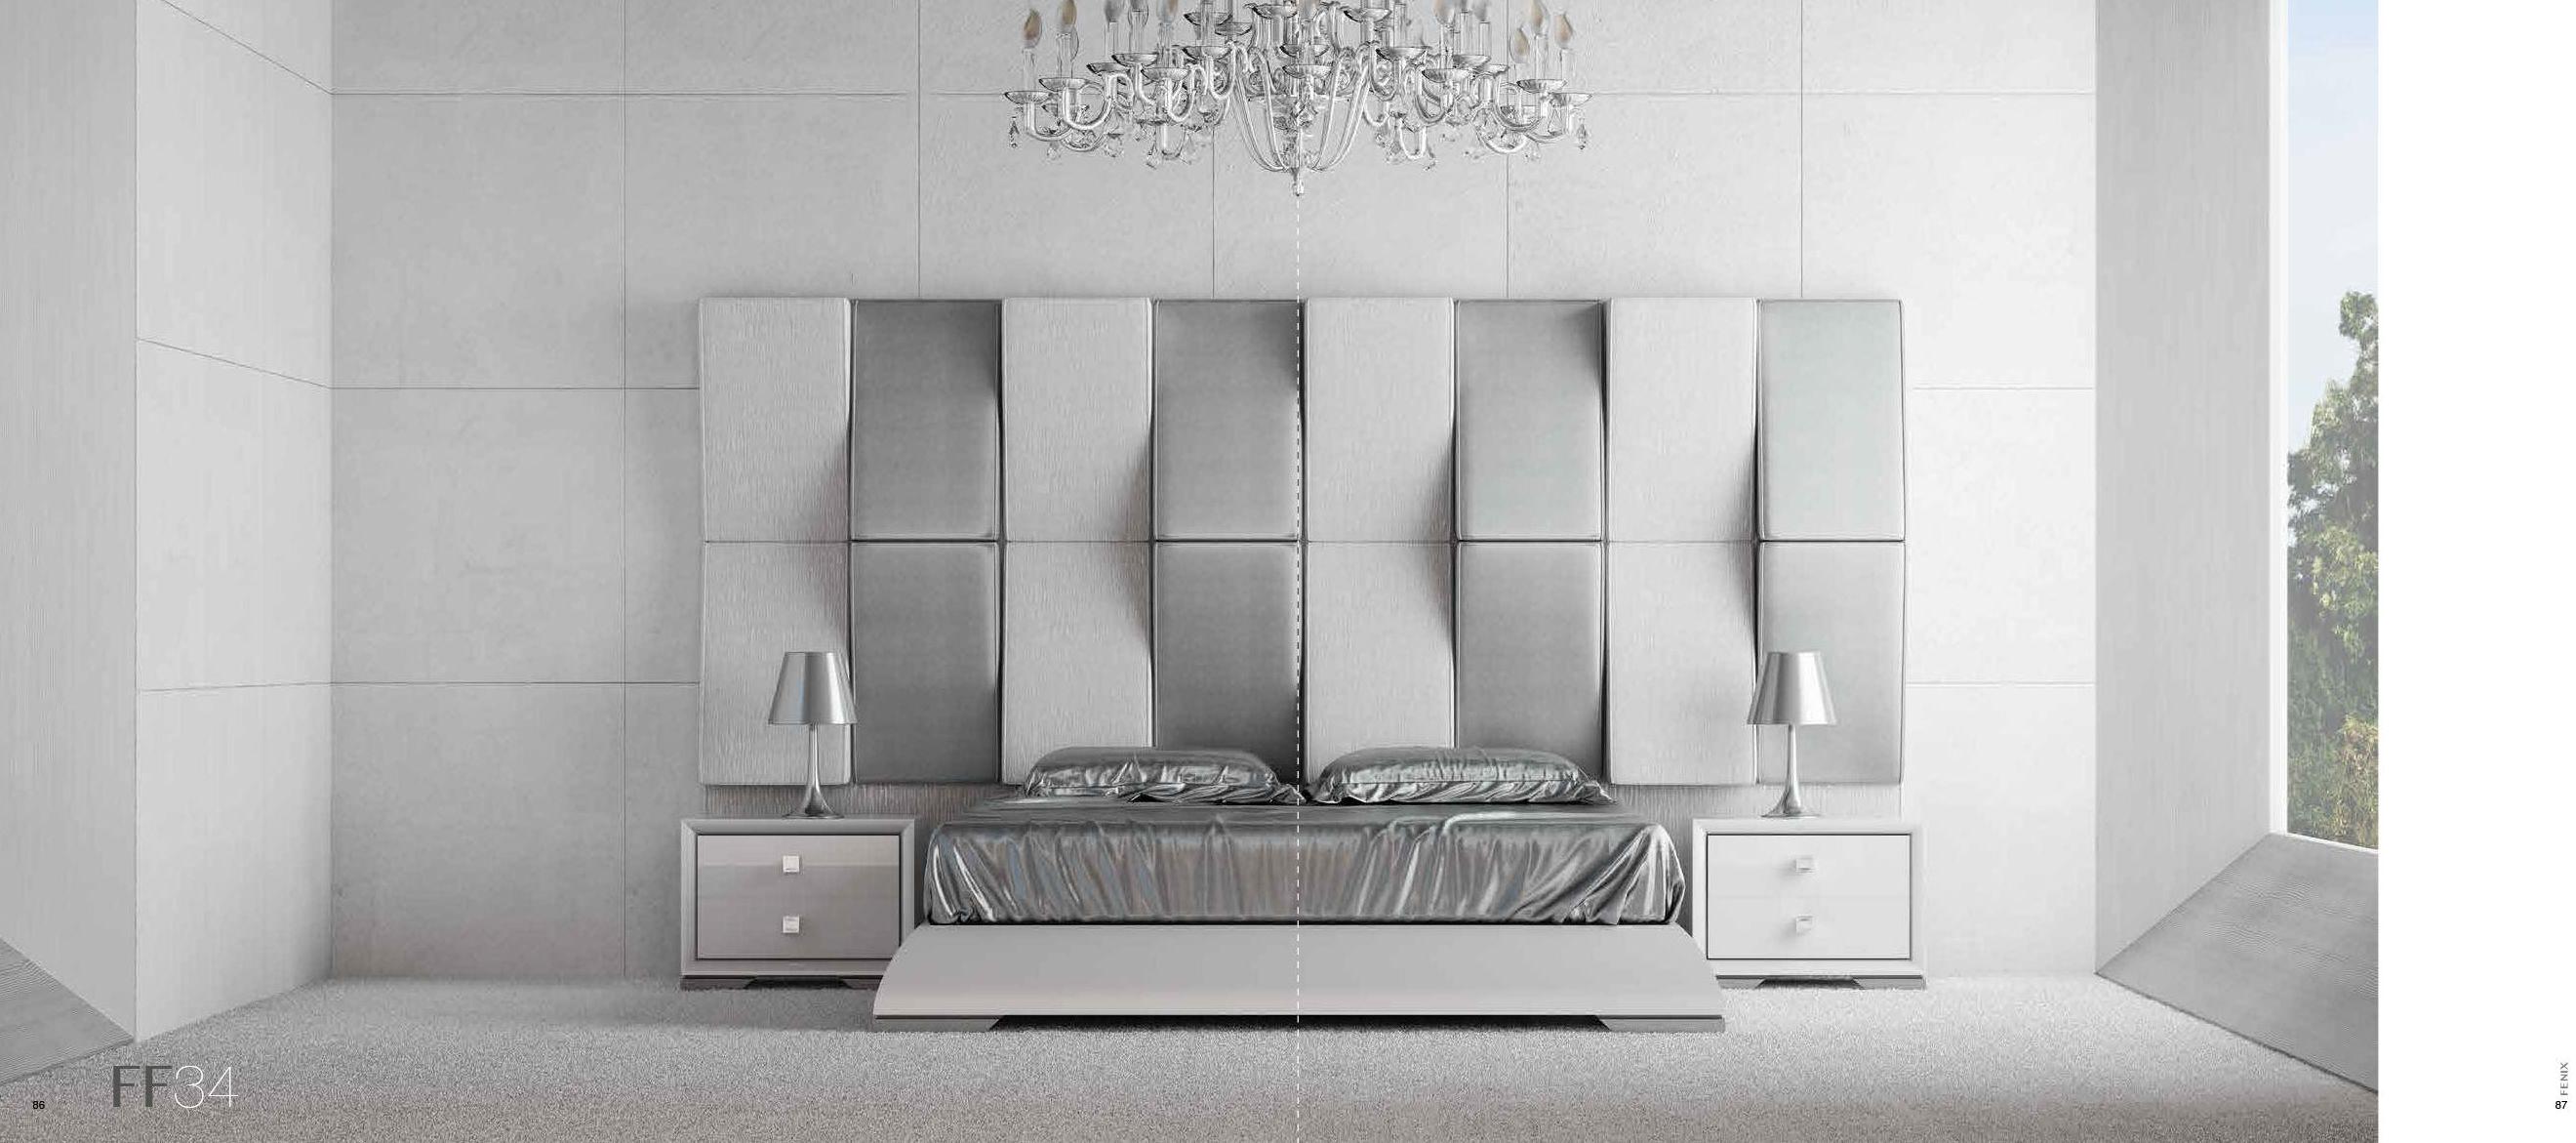 Colecci n fenix dormitorios cat logo de muebles y sof s for Muebles y complementos